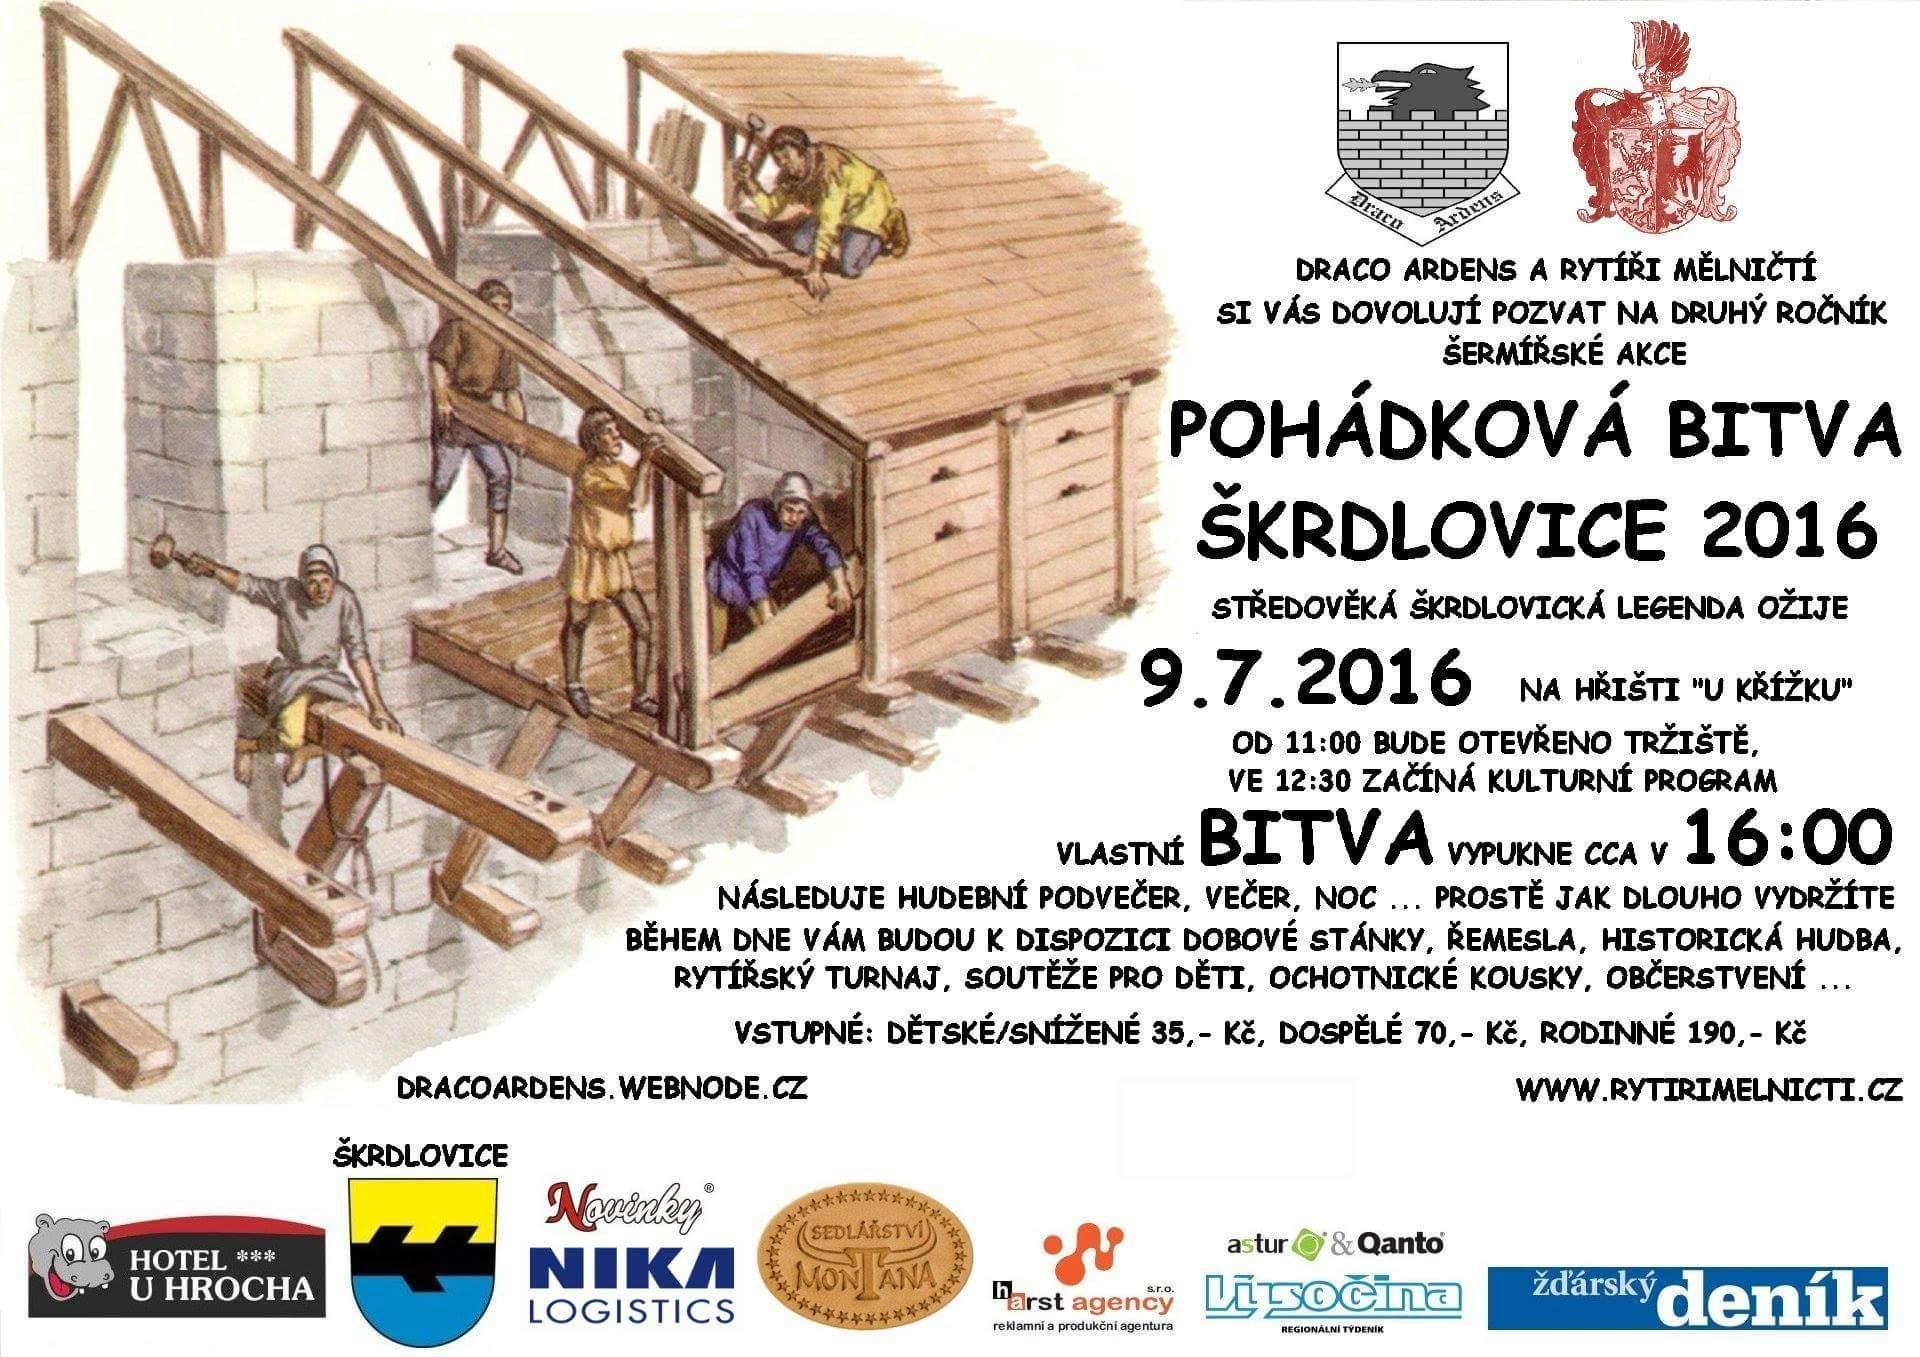 Pohádková bitva Škrdlovice 9.7.2016